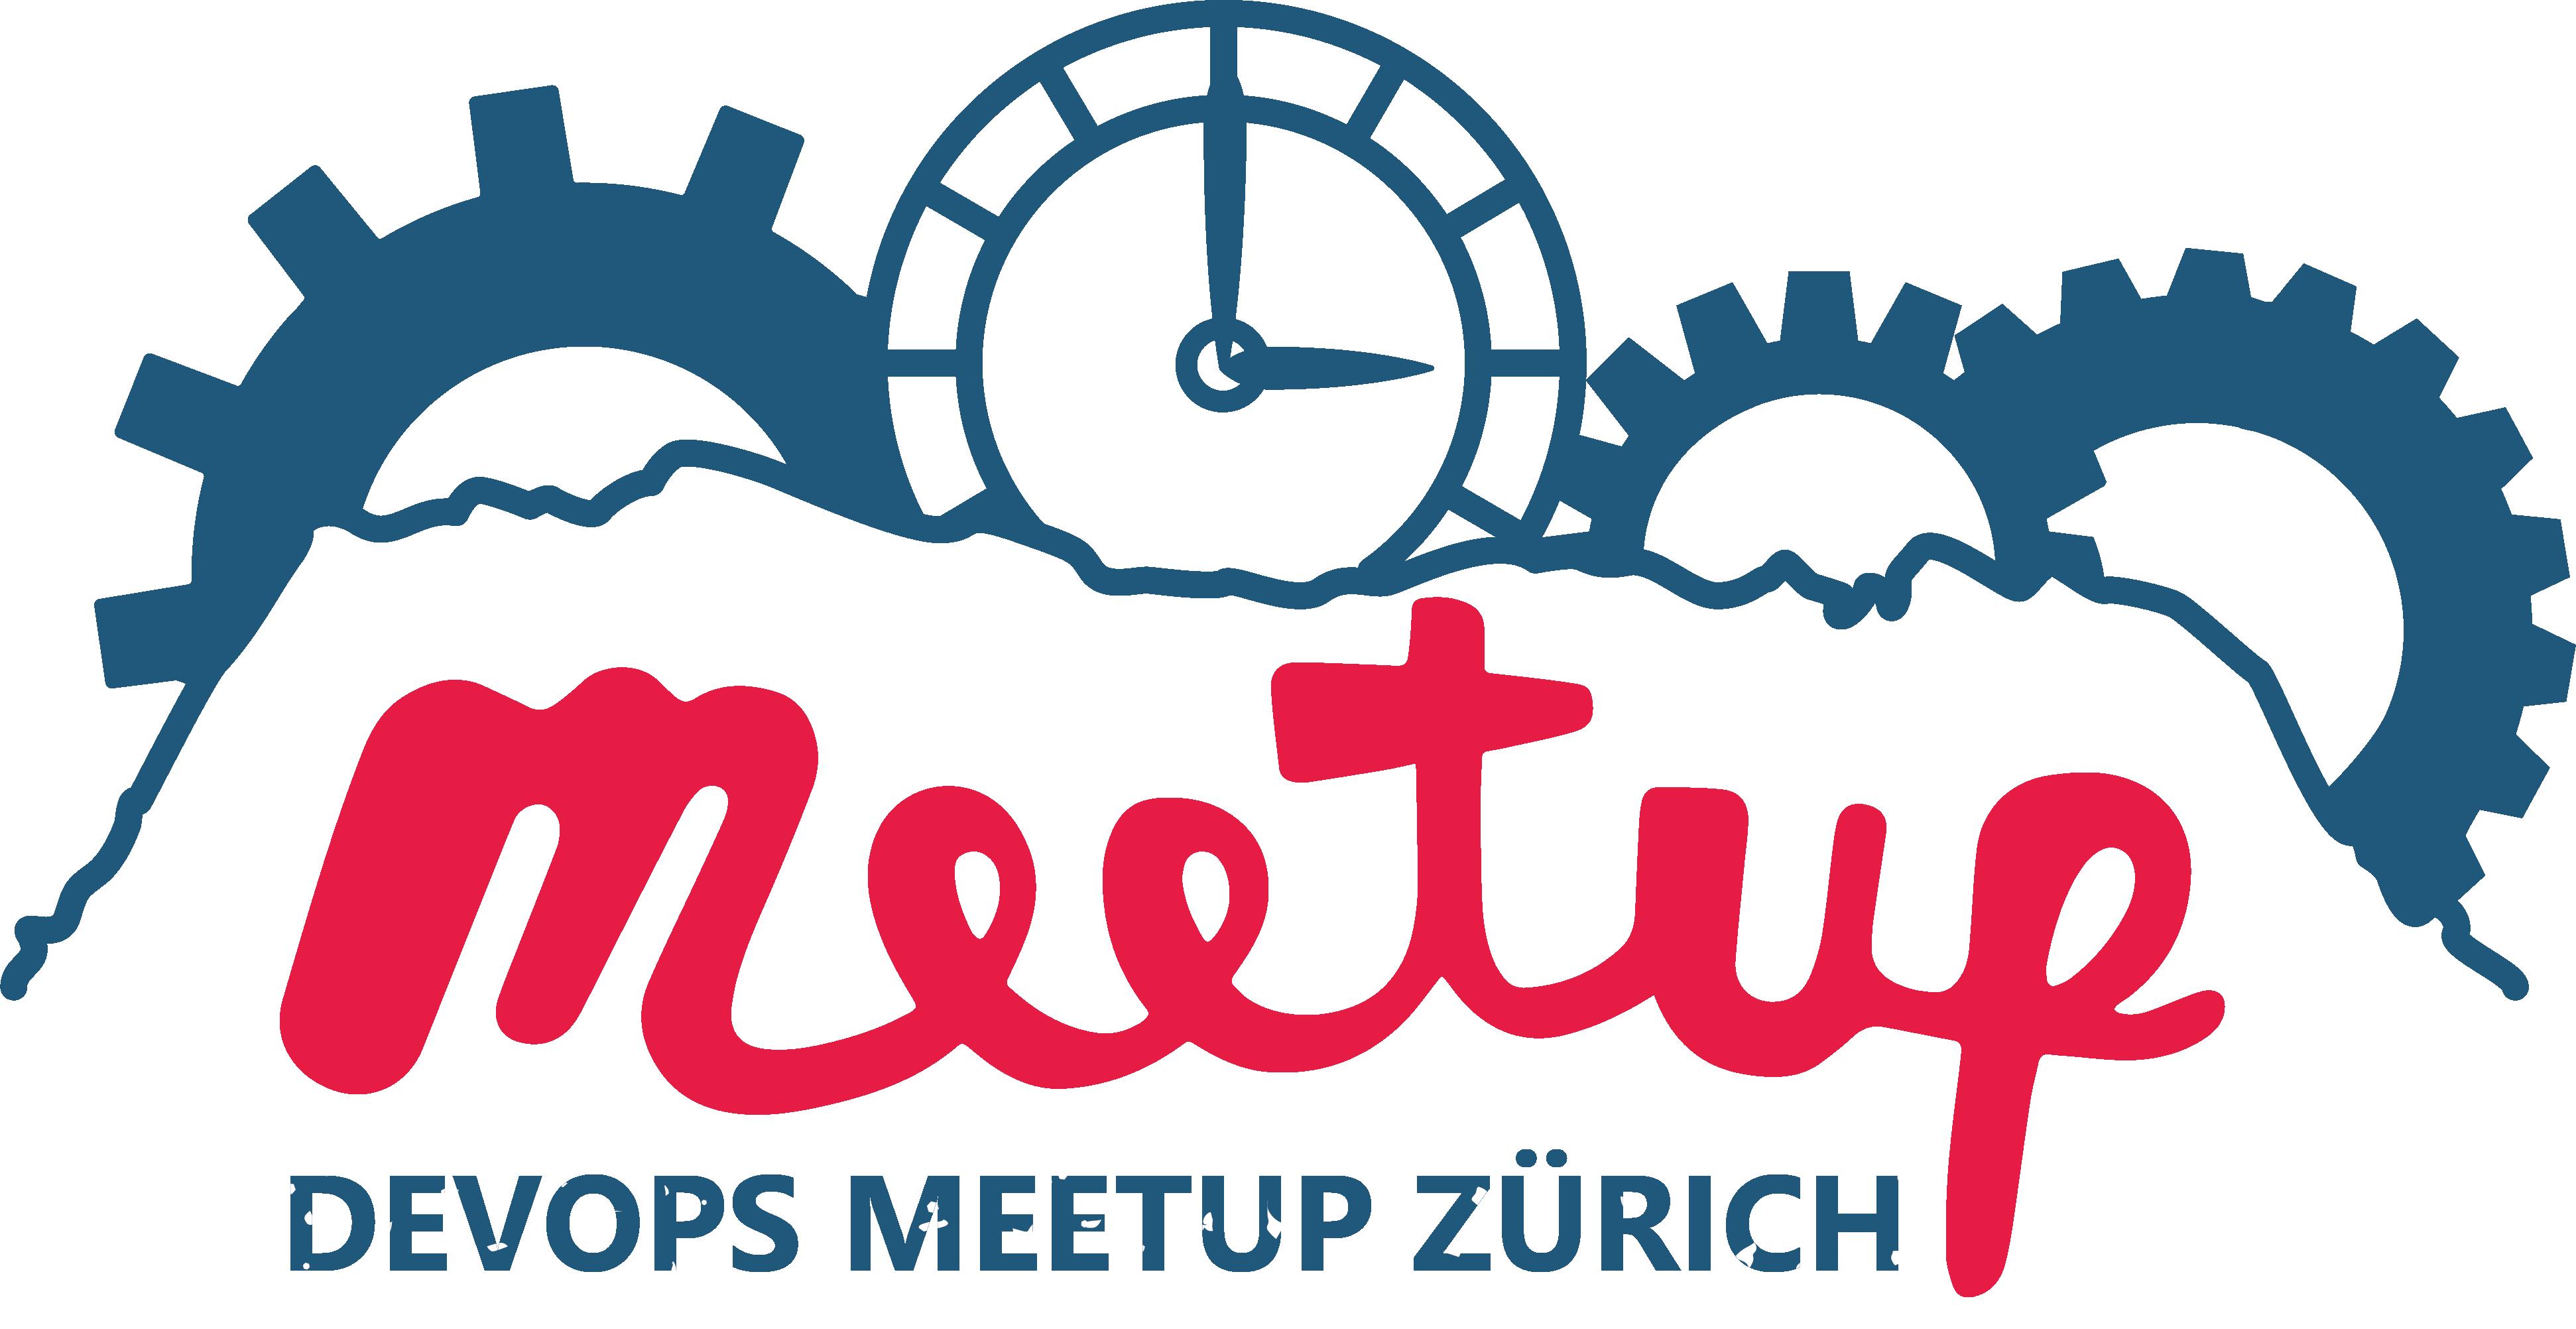 DevOps Meetup Zurich